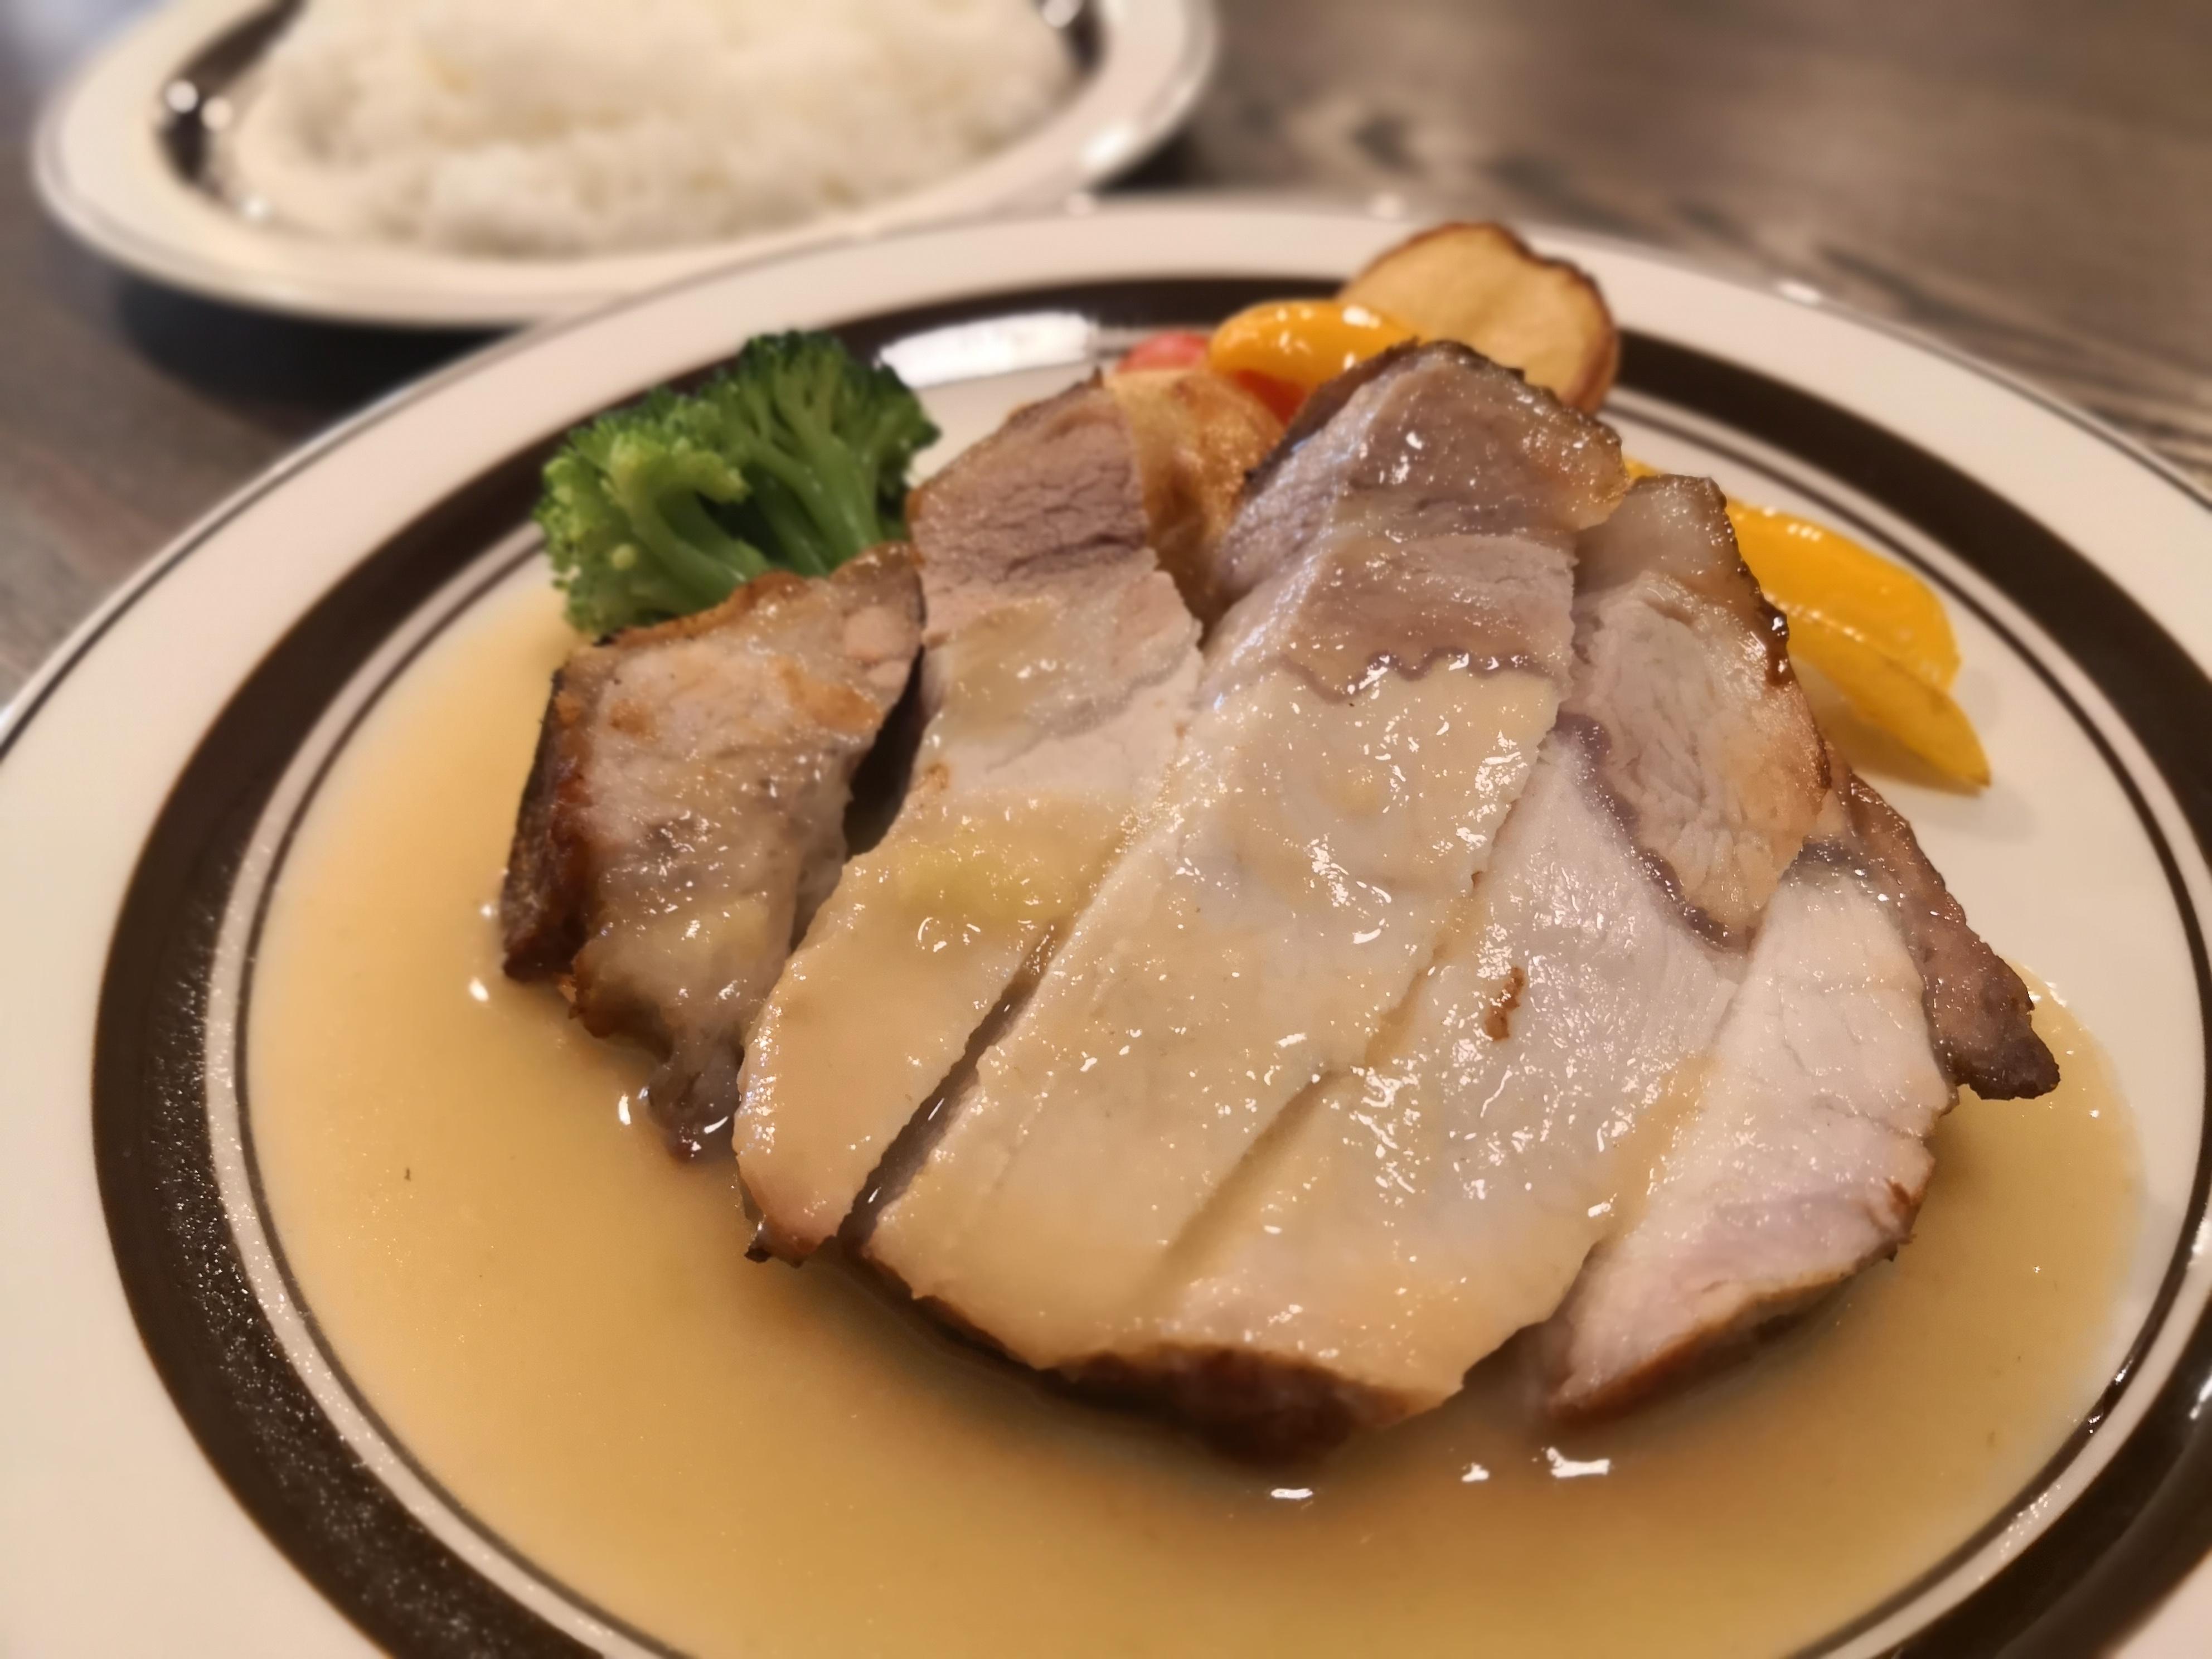 【五反田】ポーカー@豚肉メインなビストロでカジュアルにお肉ランチ。